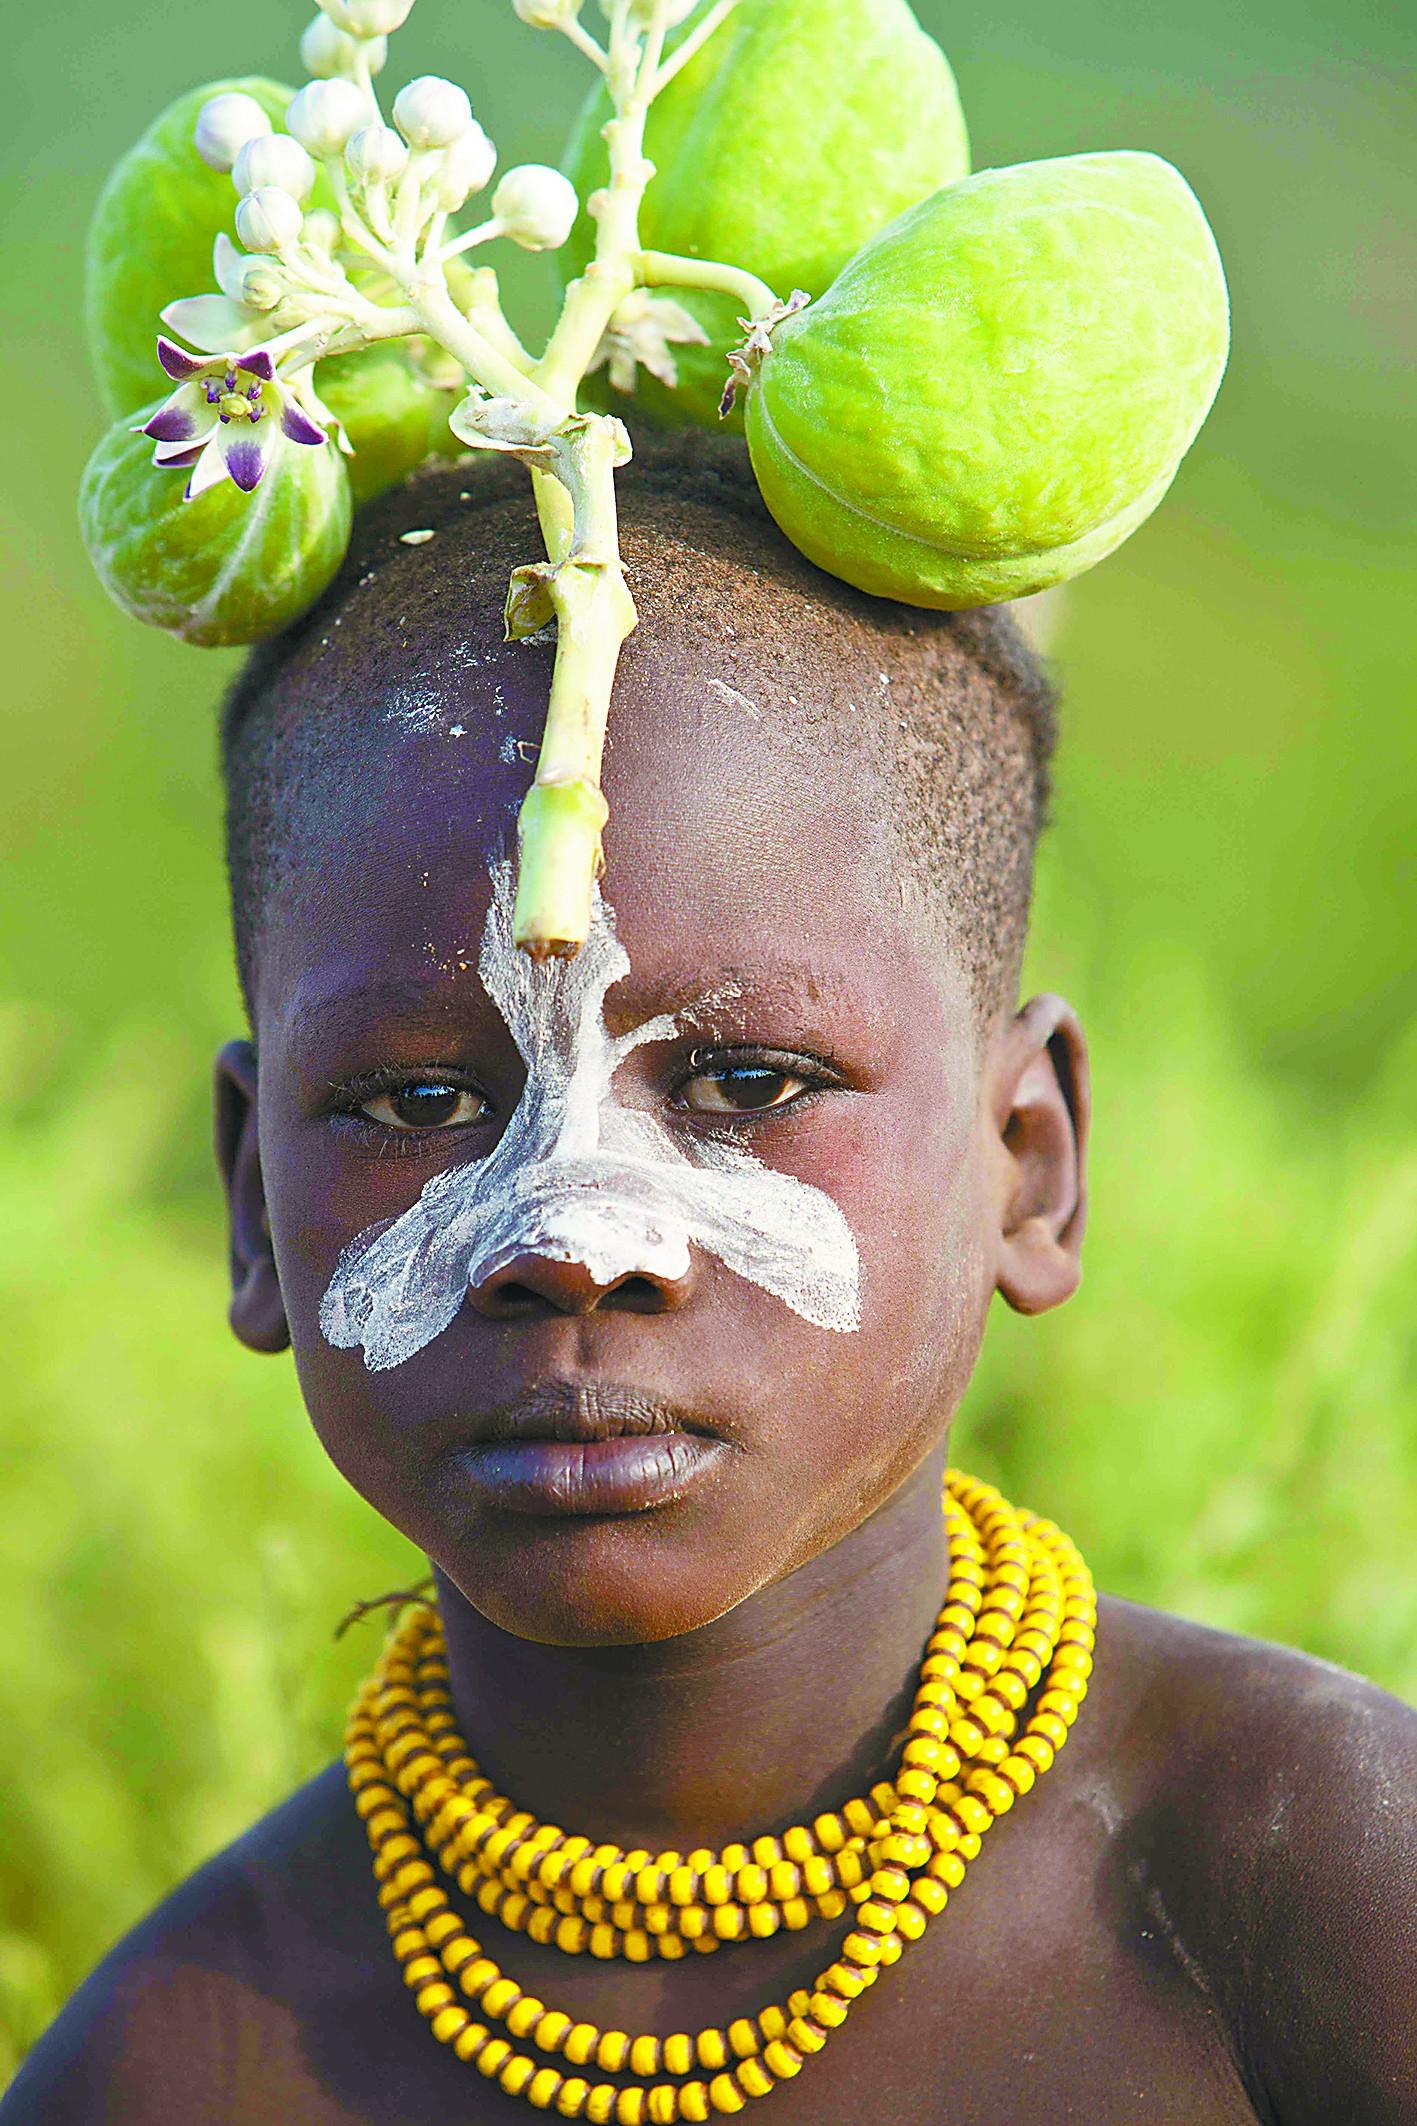 埃塞俄比亚部落人的头饰